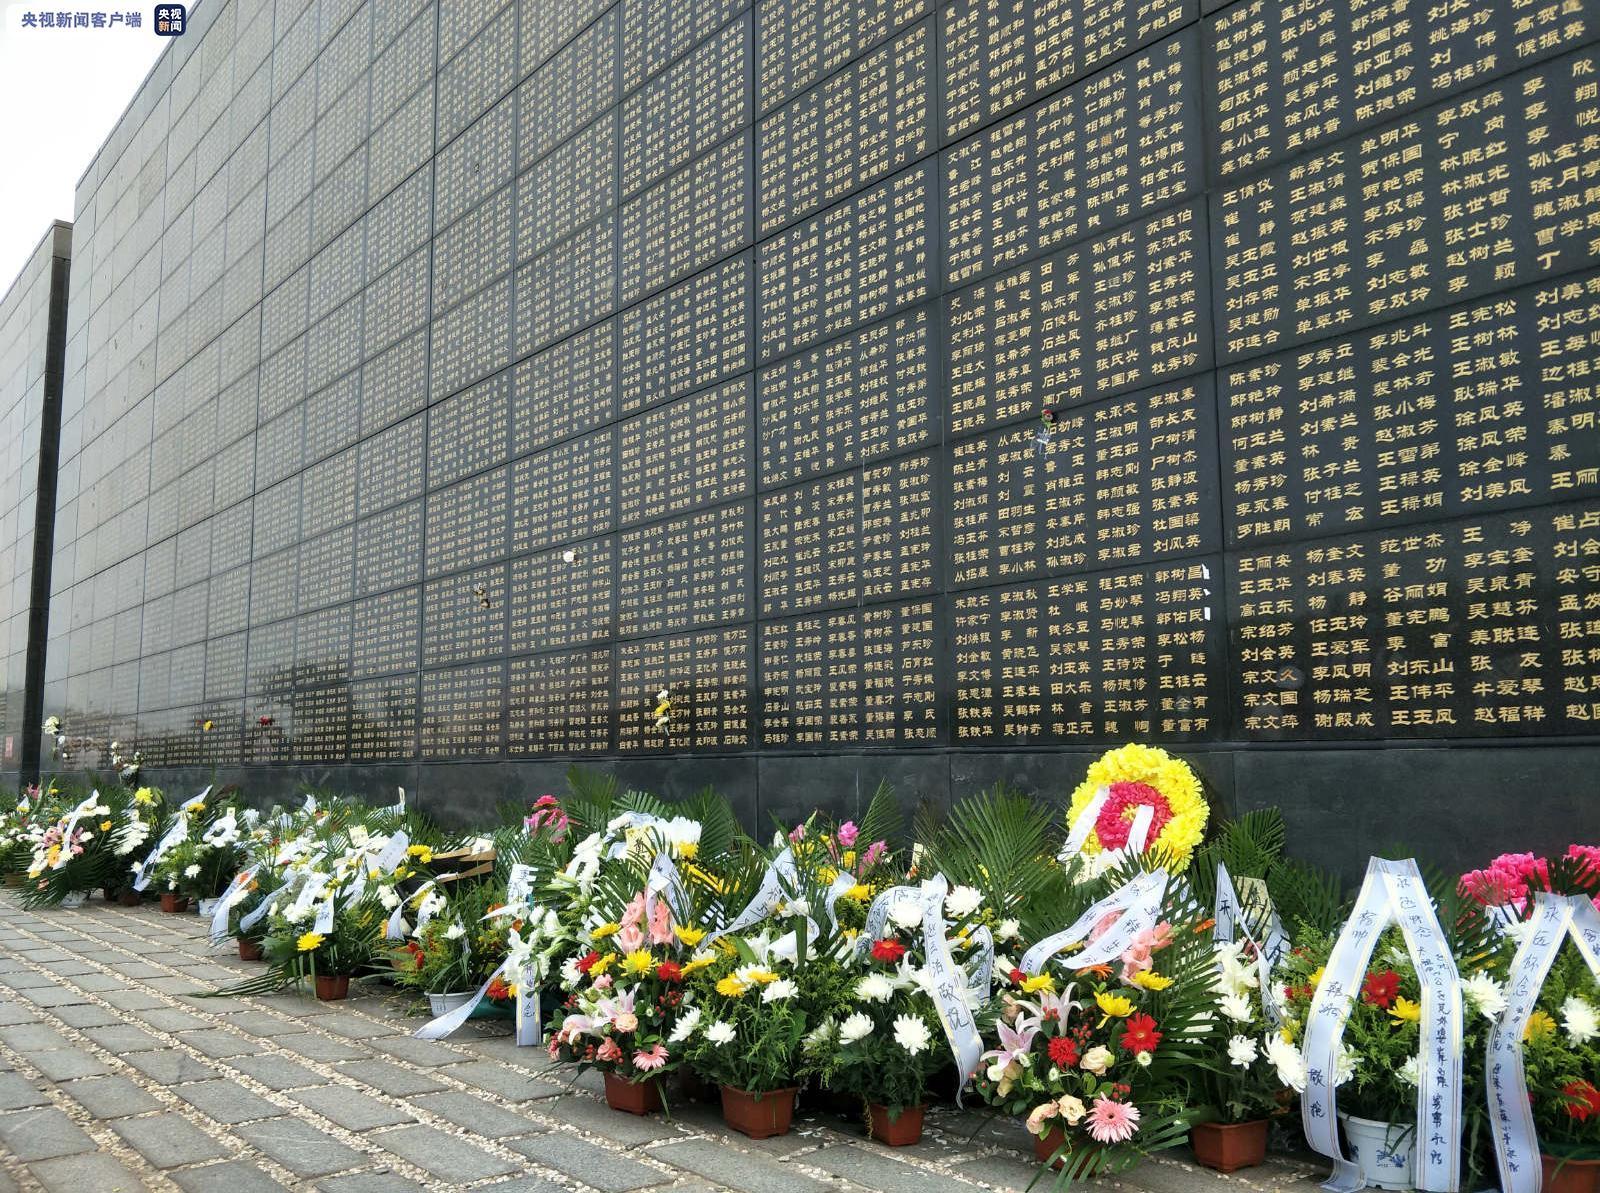 【网站运营数据分析】_唐山大地震44周年 遇难者家属在纪念墙前缅怀亲人